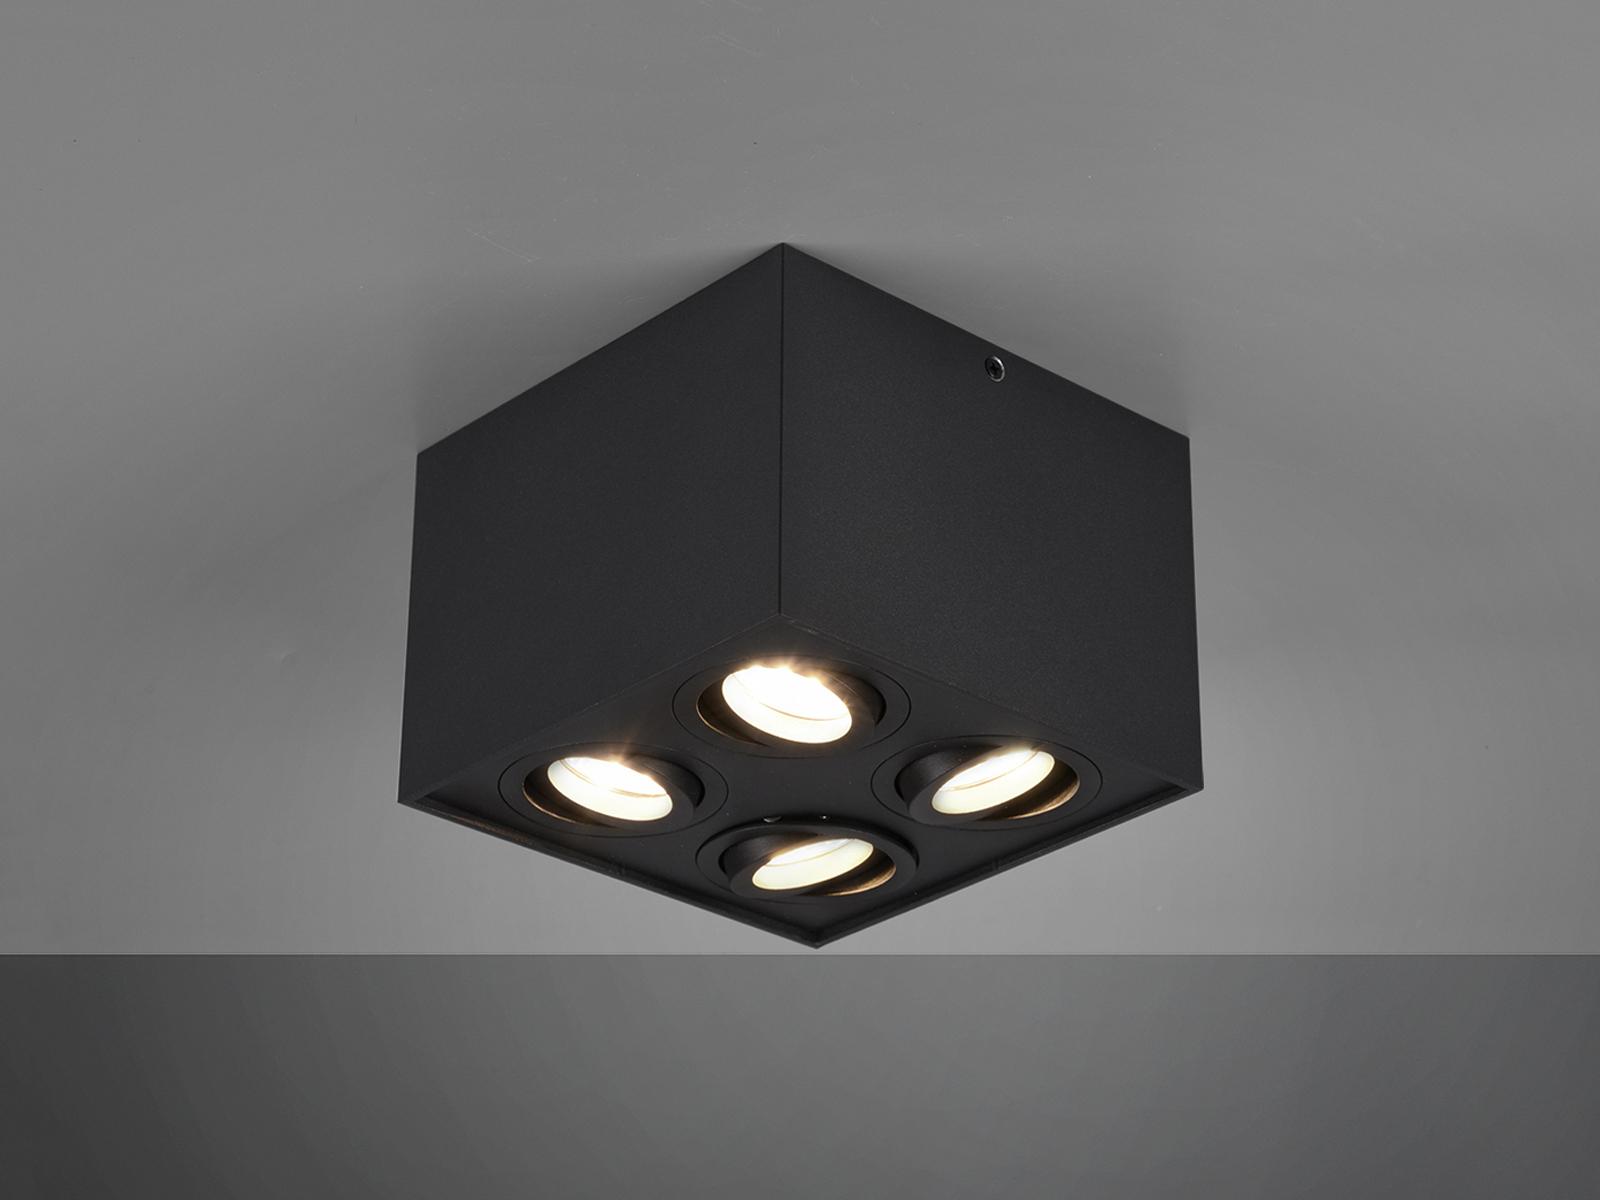 Coole Led Deckenlampen Fur Jugendzimmer Kuchenstrahler In Geometrischen Formen Kaufen Bei Setpoint Deutschland Gmbh